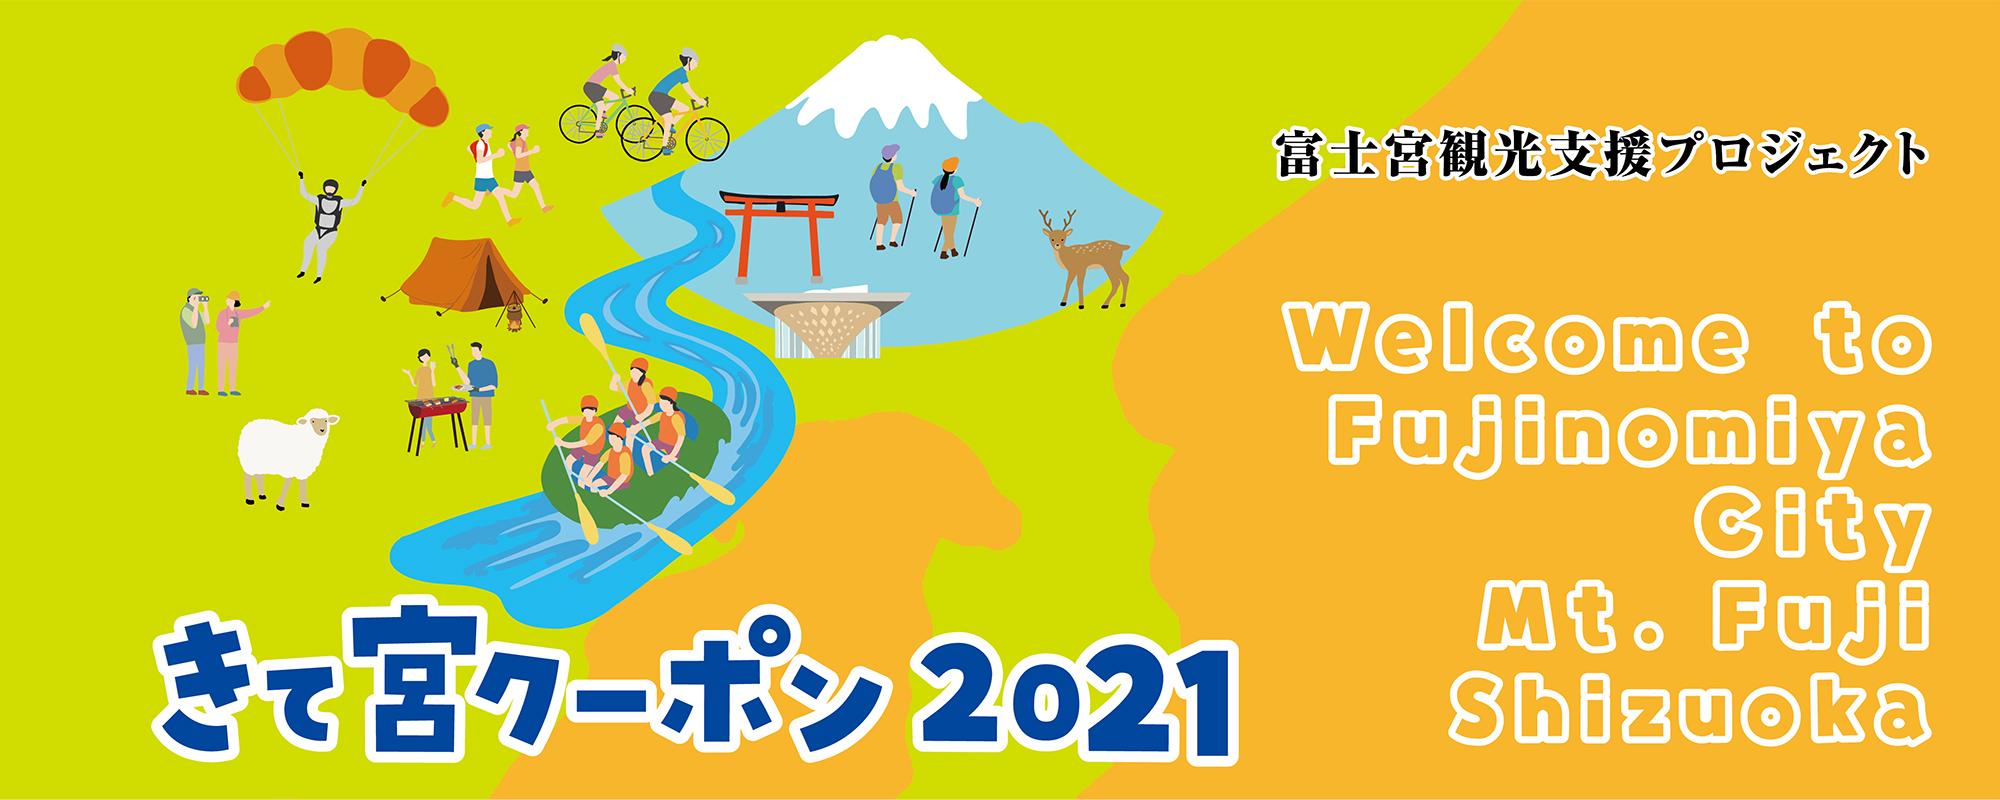 富士宮観光支援プロジェクト きて宮クーポン2021